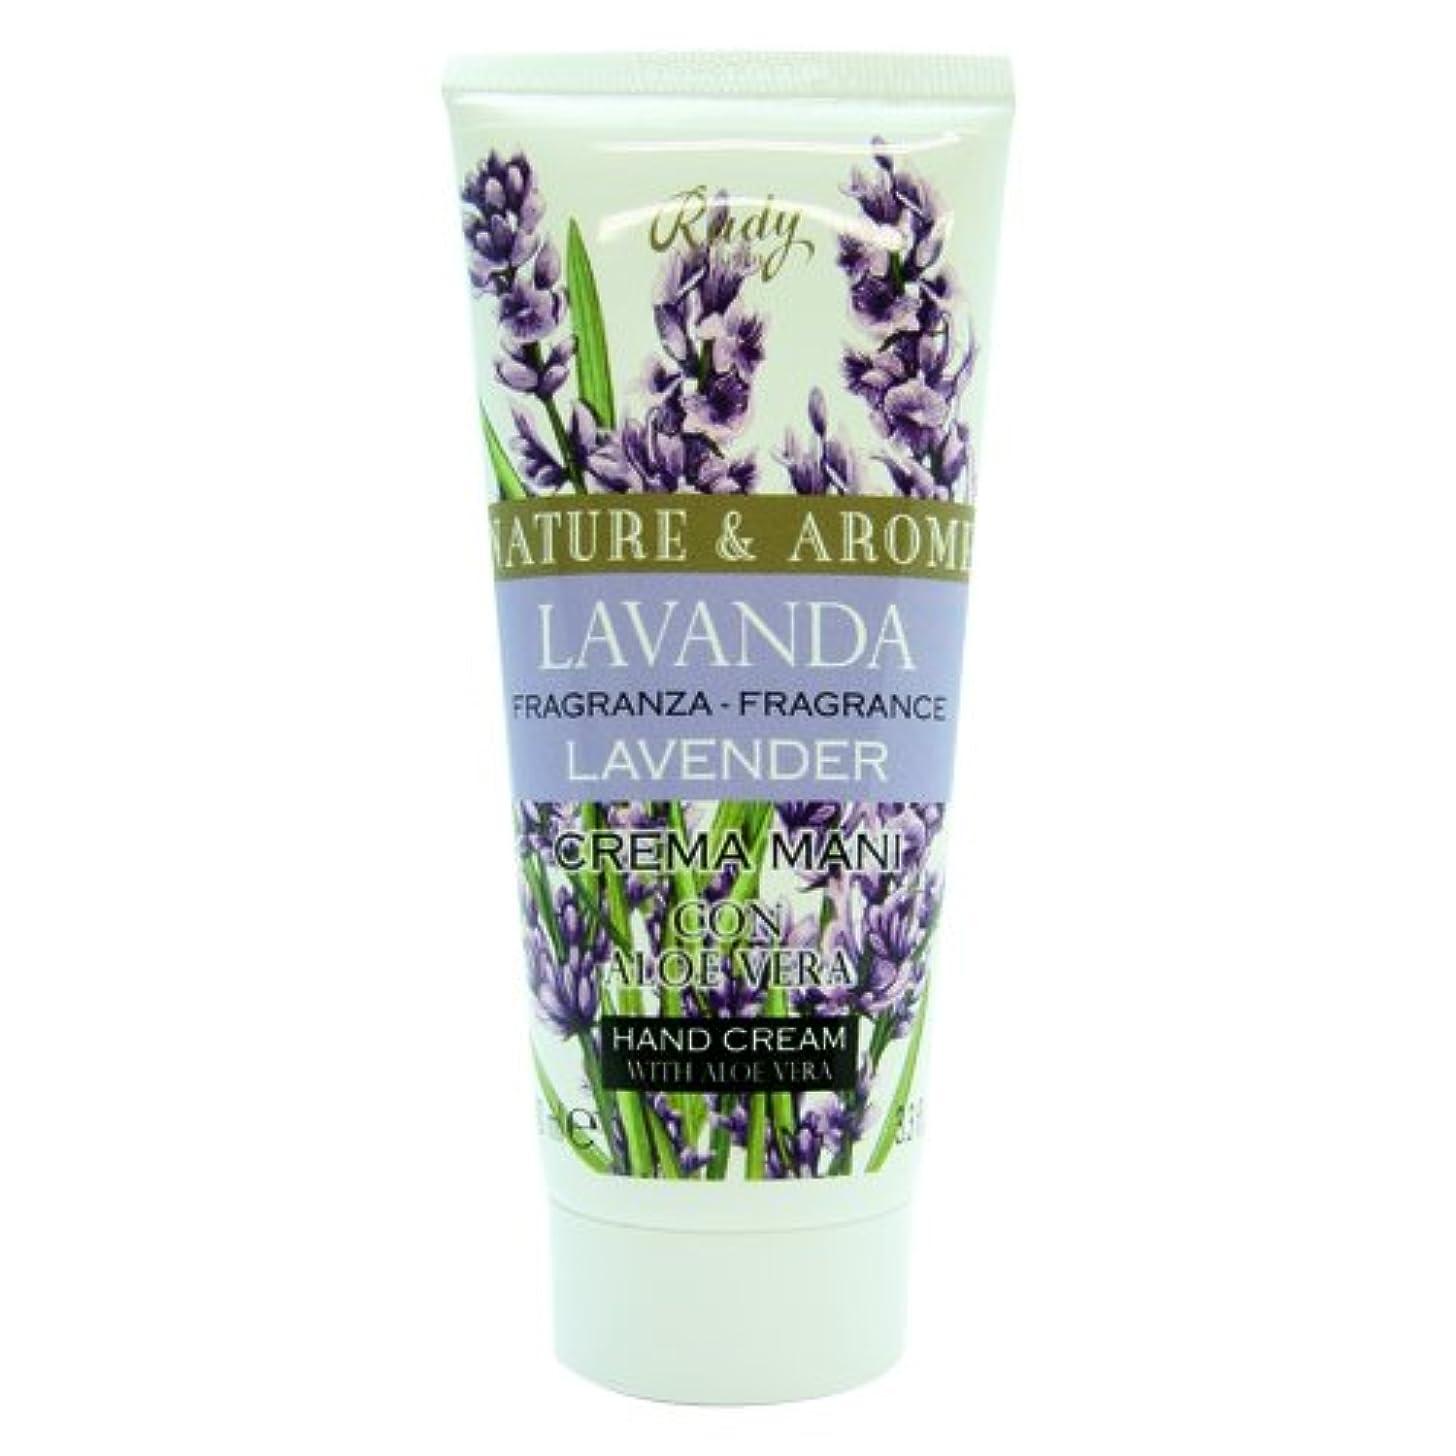 くちばしマニュアル大きなスケールで見るとRUDY Nature&Arome SERIES ルディ ナチュール&アロマ Hand Cream ハンドクリーム  Lavender ラベンダー